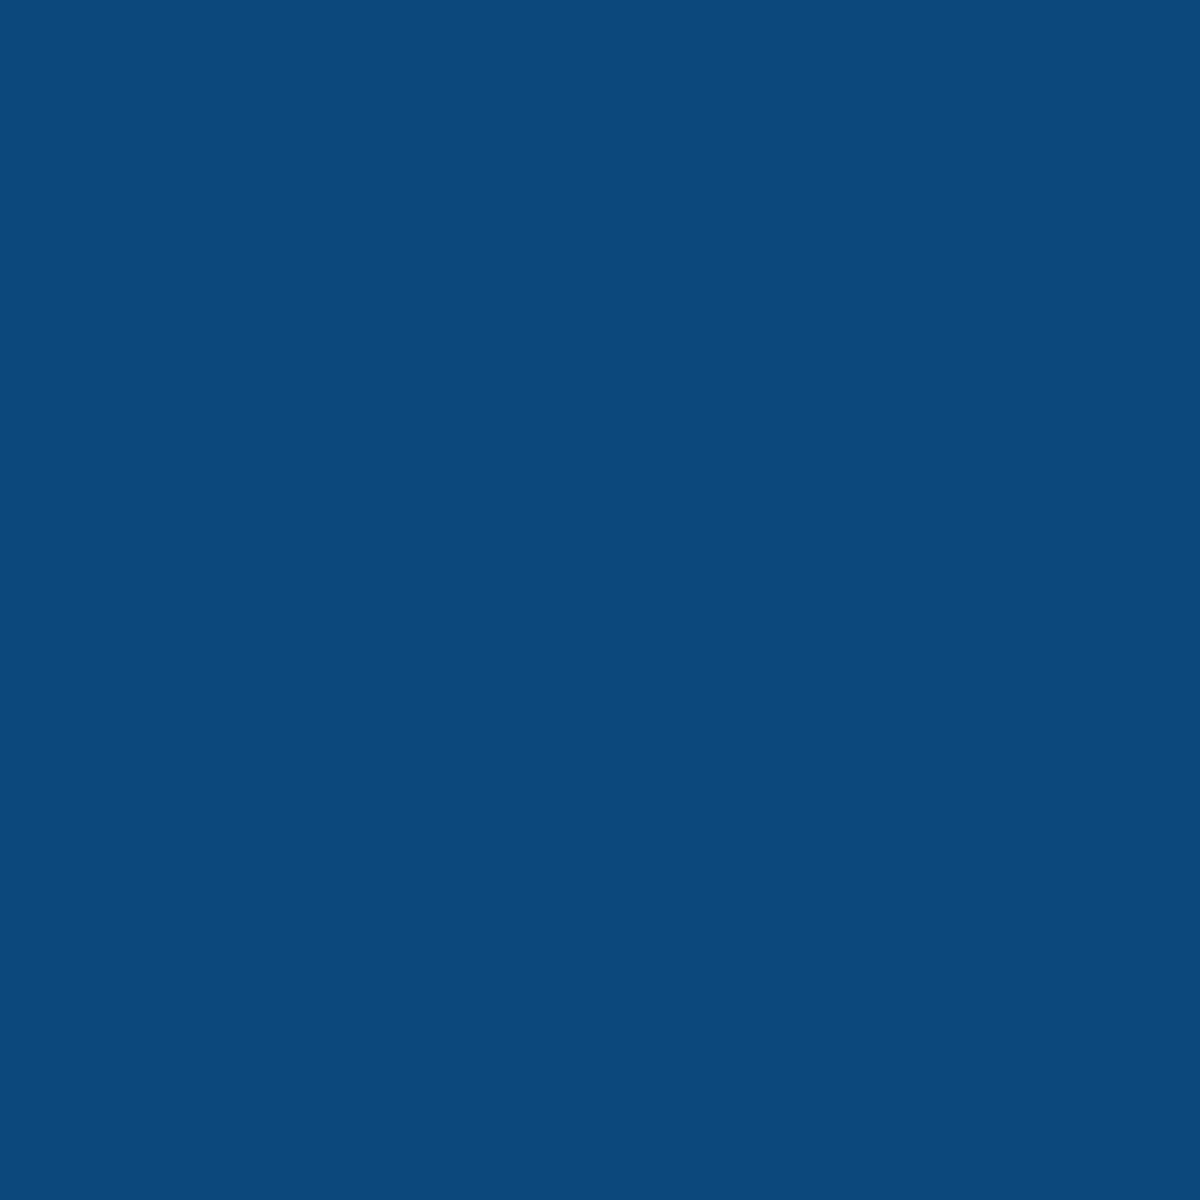 blueliner-blue